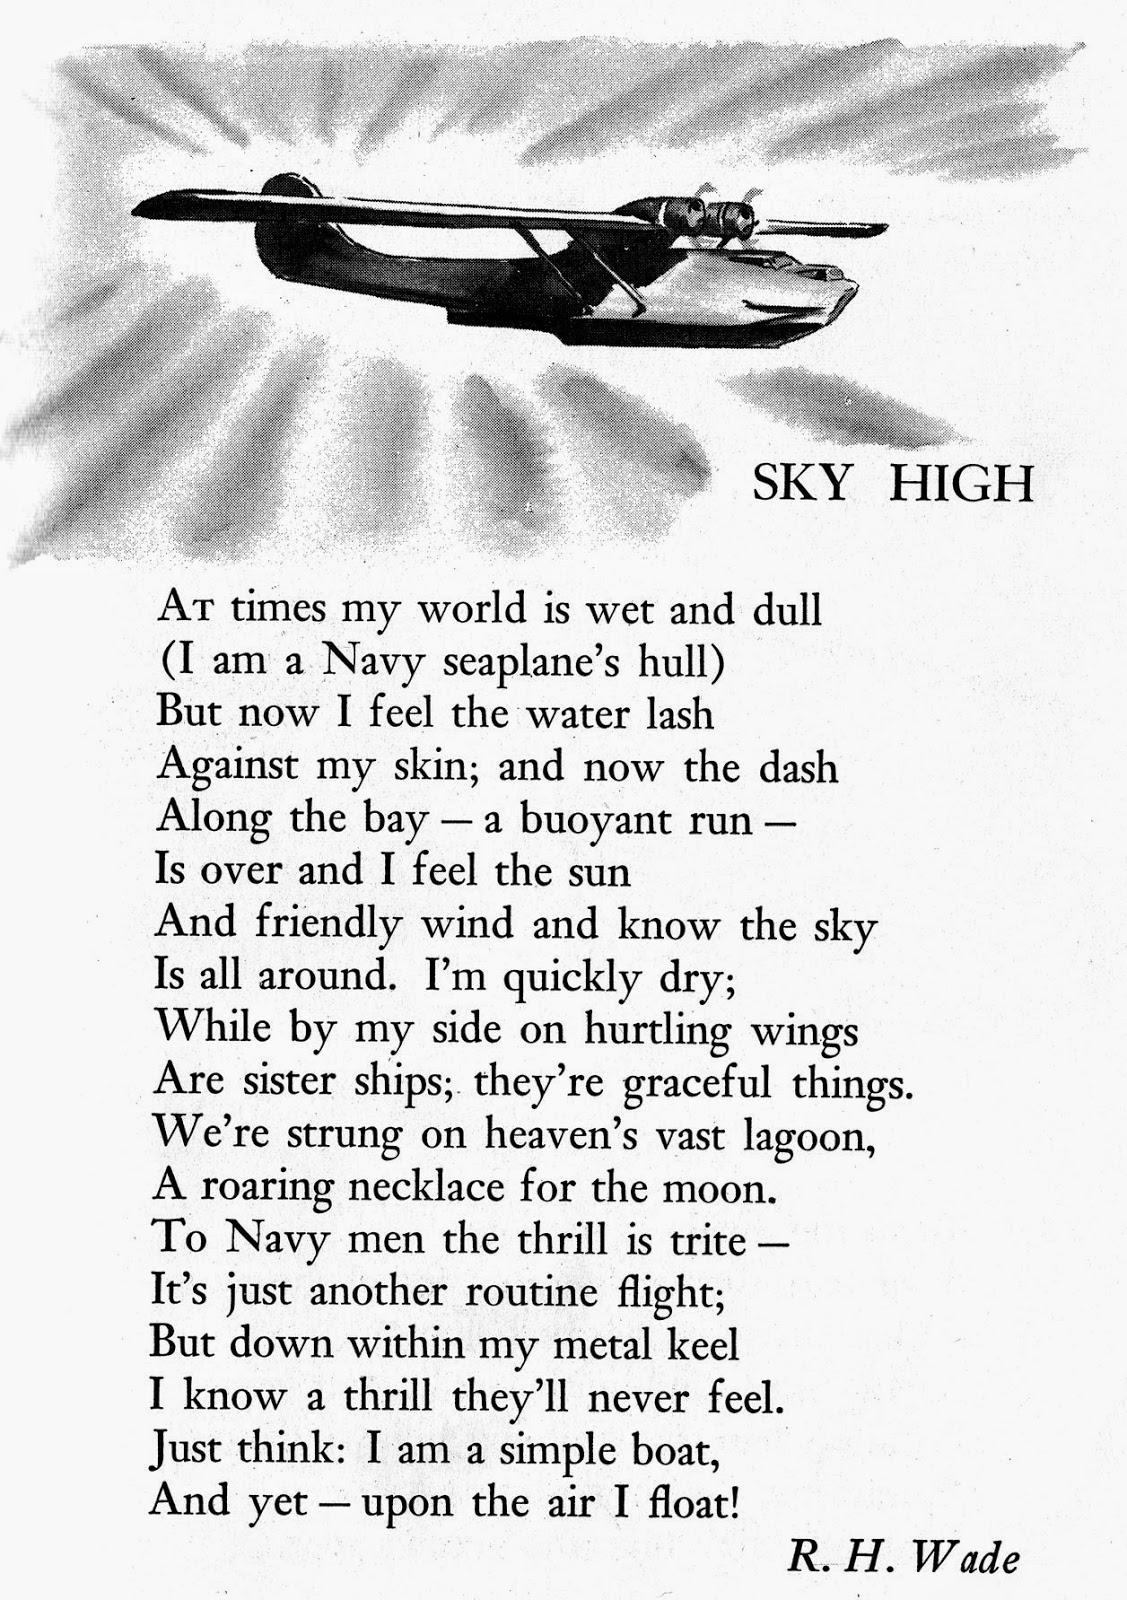 R.H. Wade poet